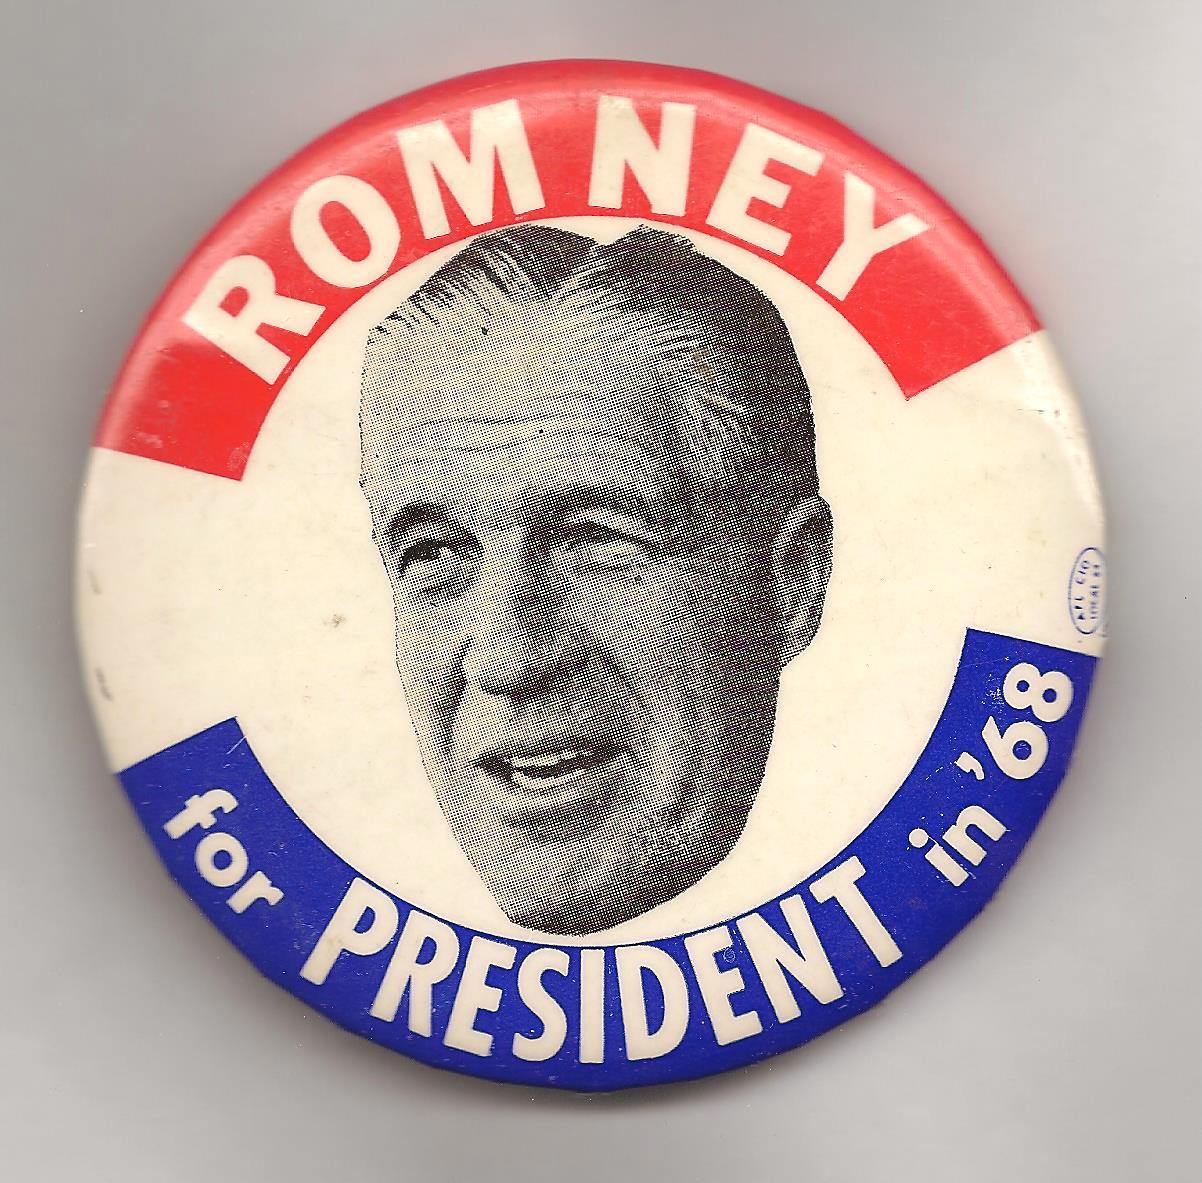 Romney '68 001